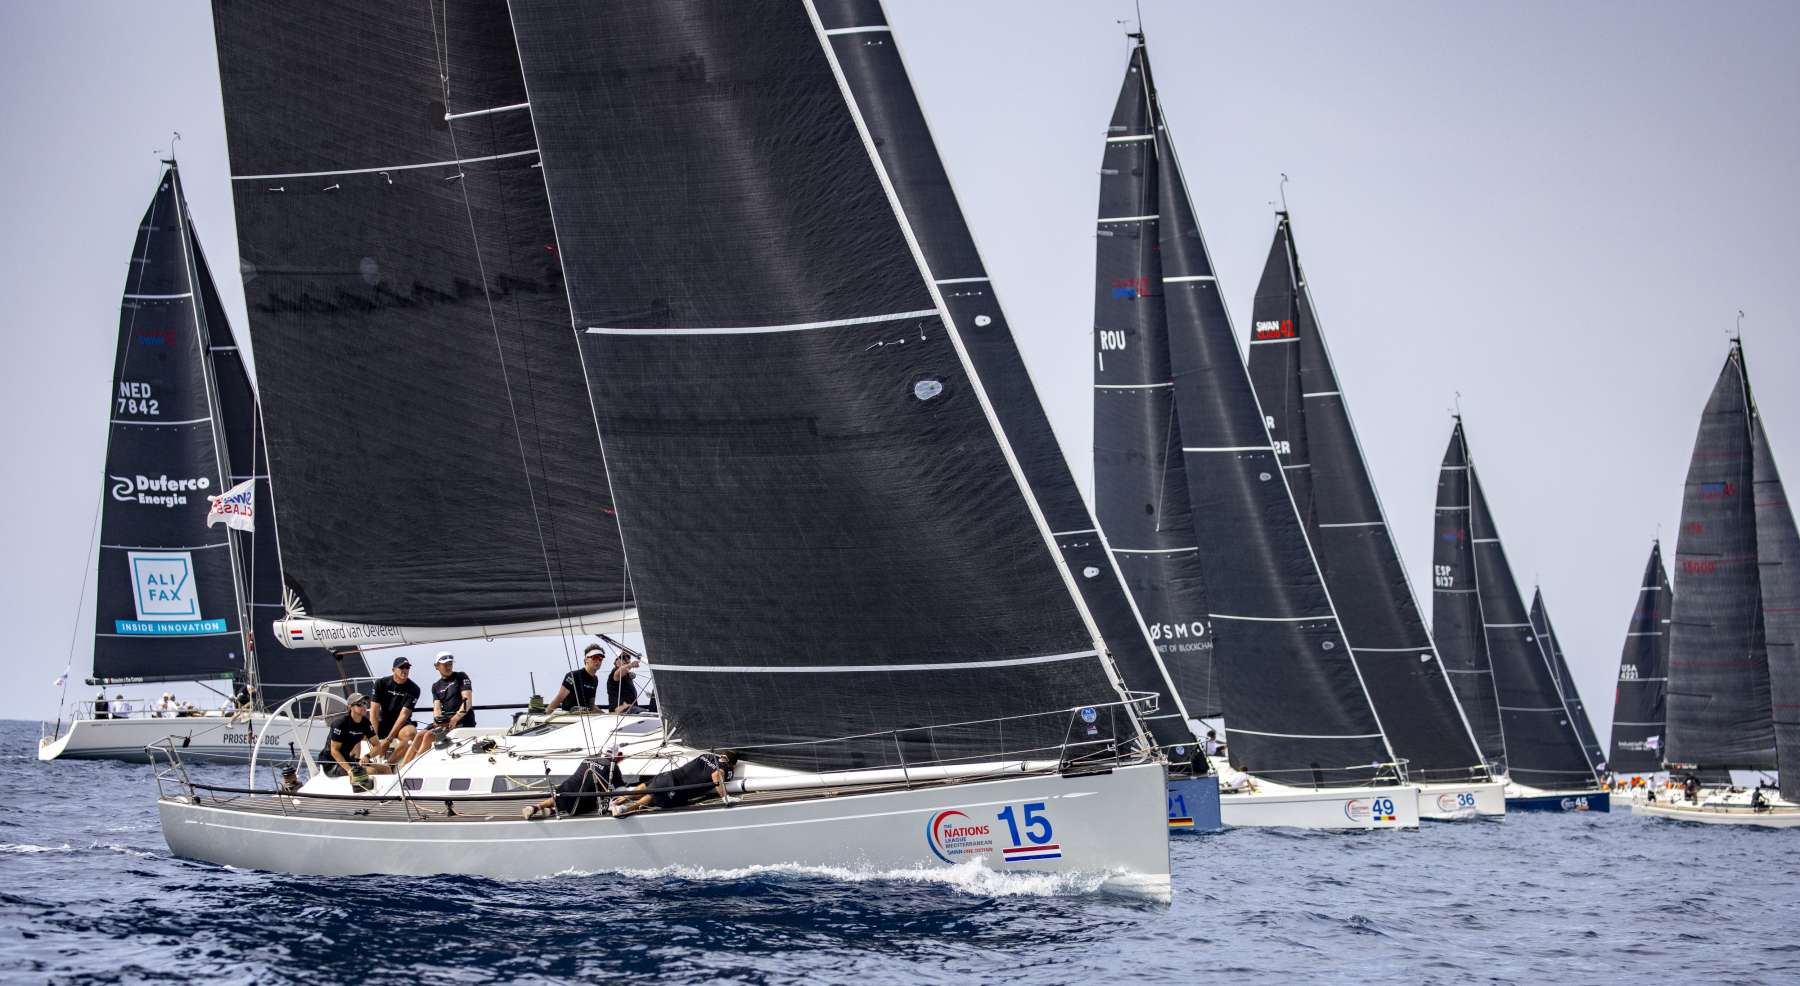 Swan Sardinia Challenge, prima giornata di regata nelle acque di Porto Cervo - NEWS - Yacht Club Costa Smeralda